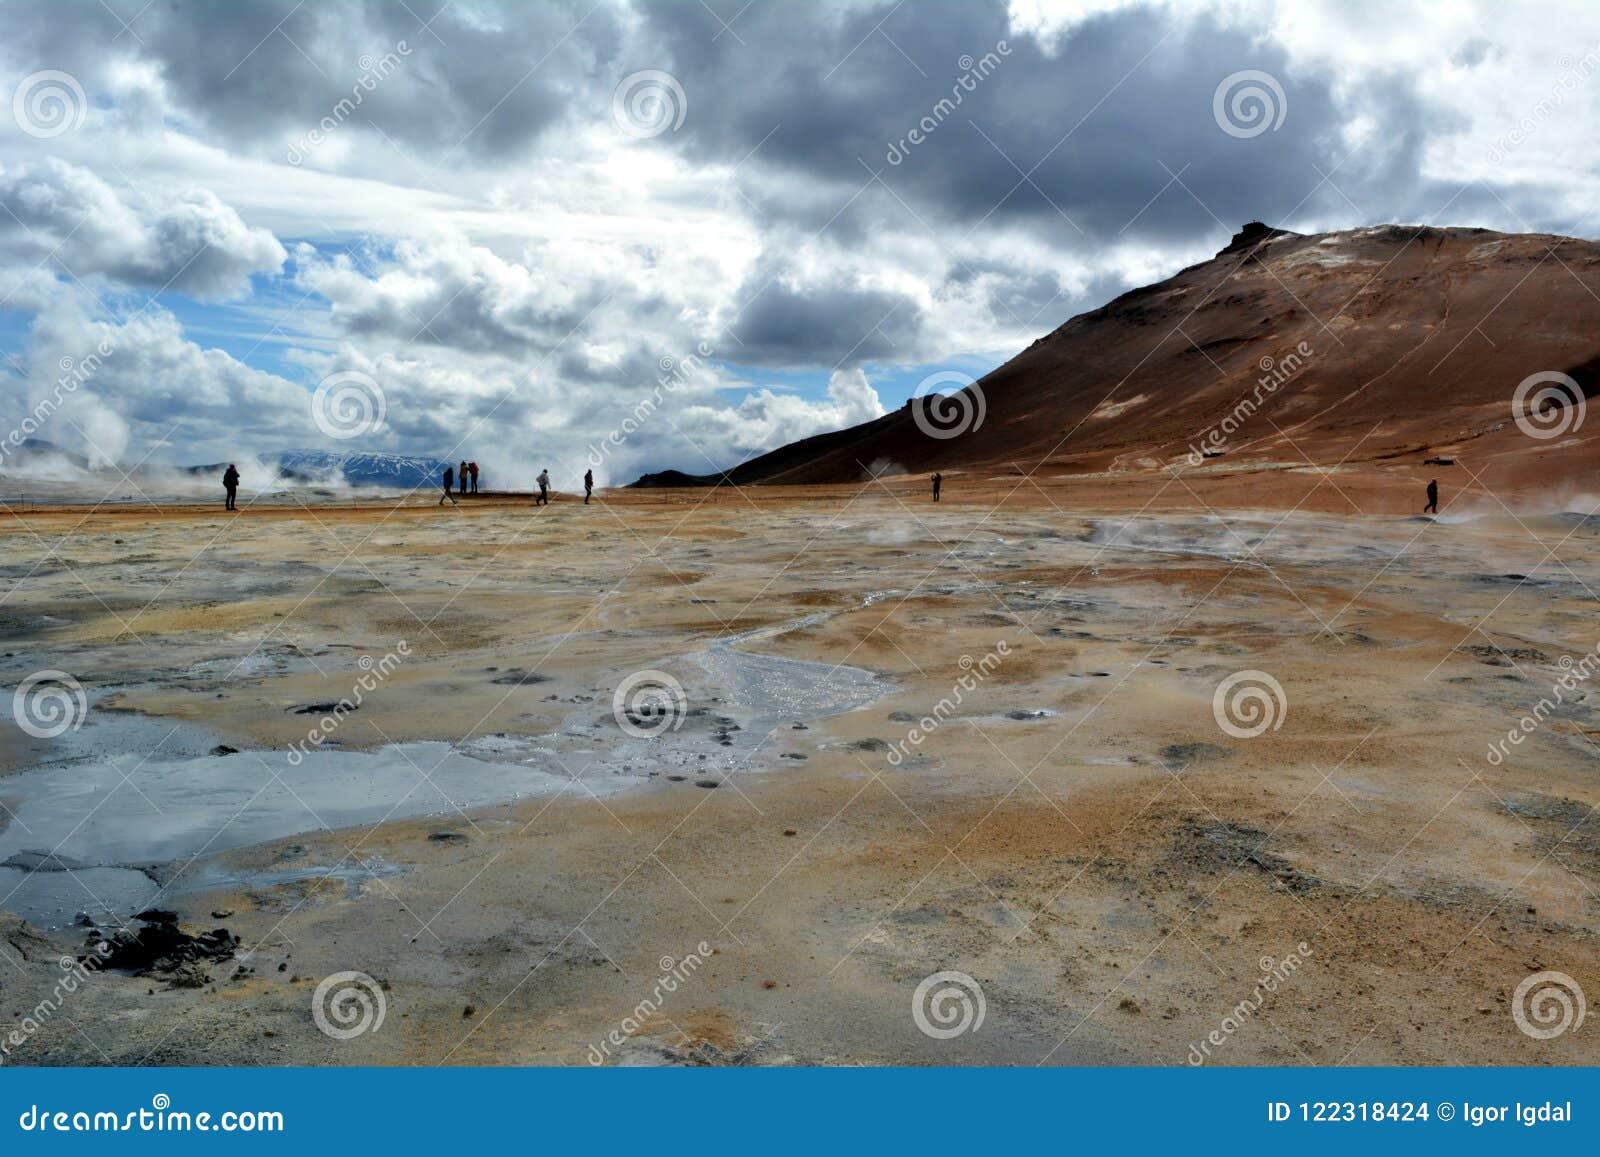 De zwavel hete geisers in Hverir in IJsland